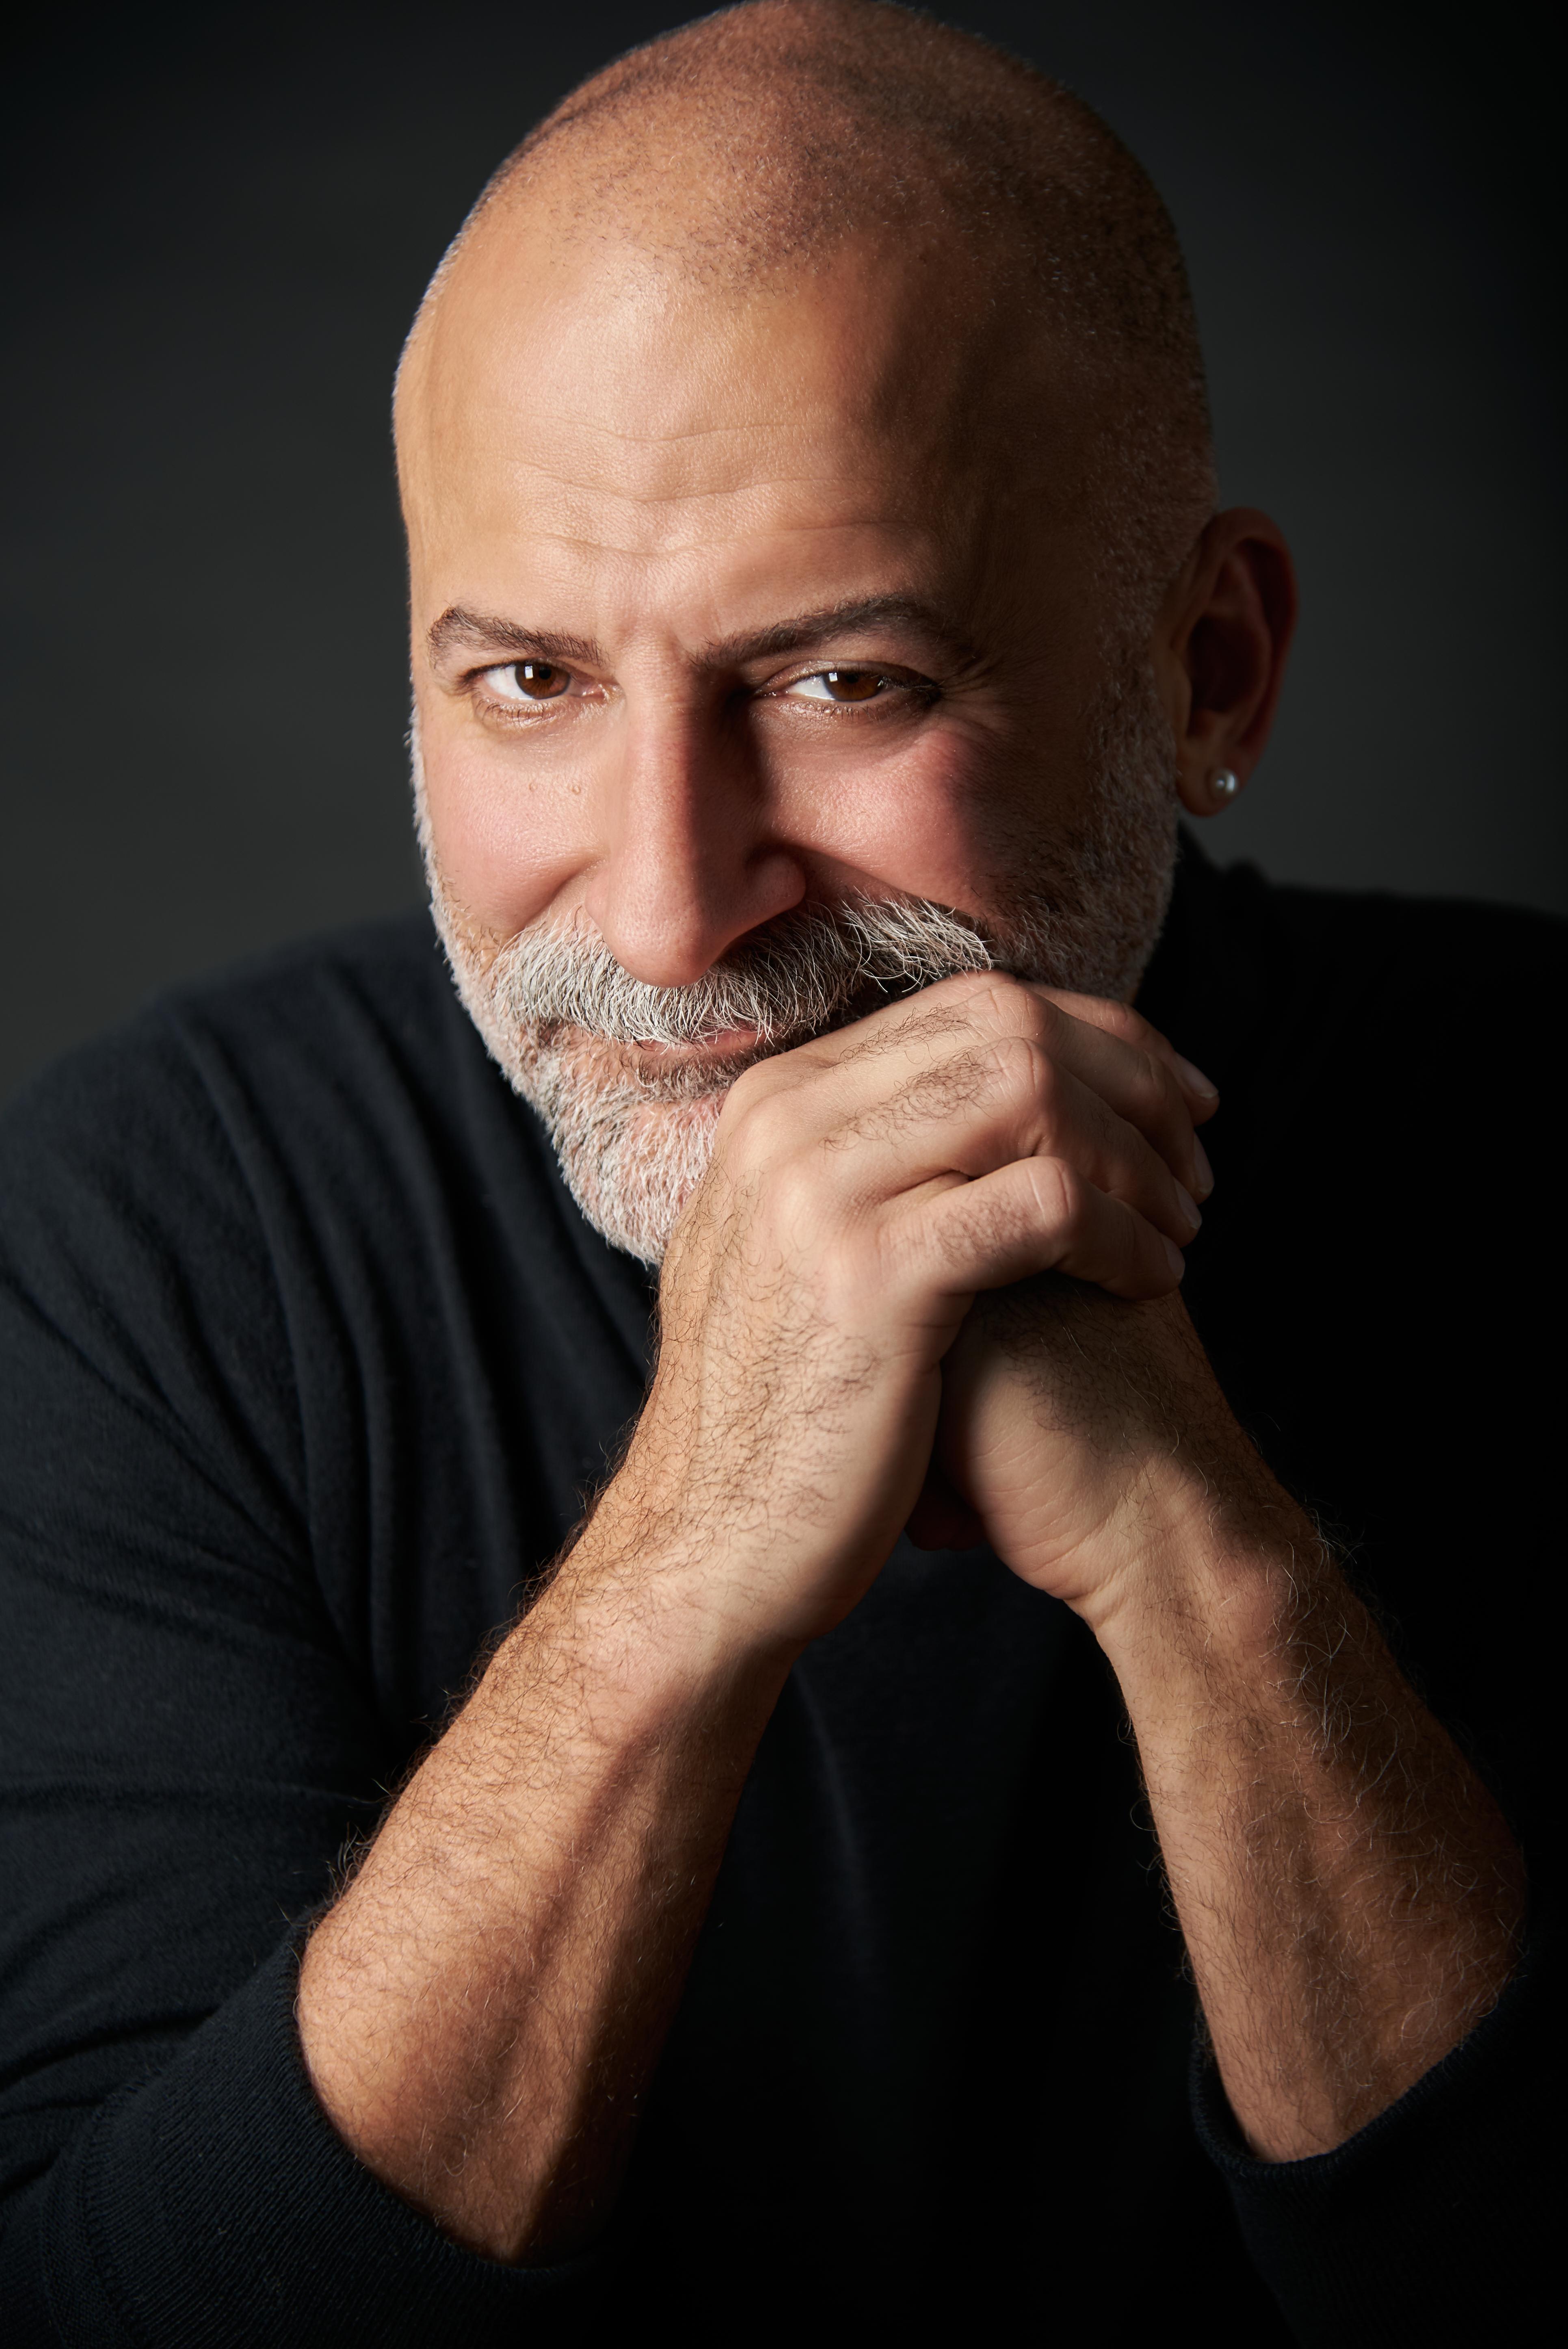 Charlie Farruggio